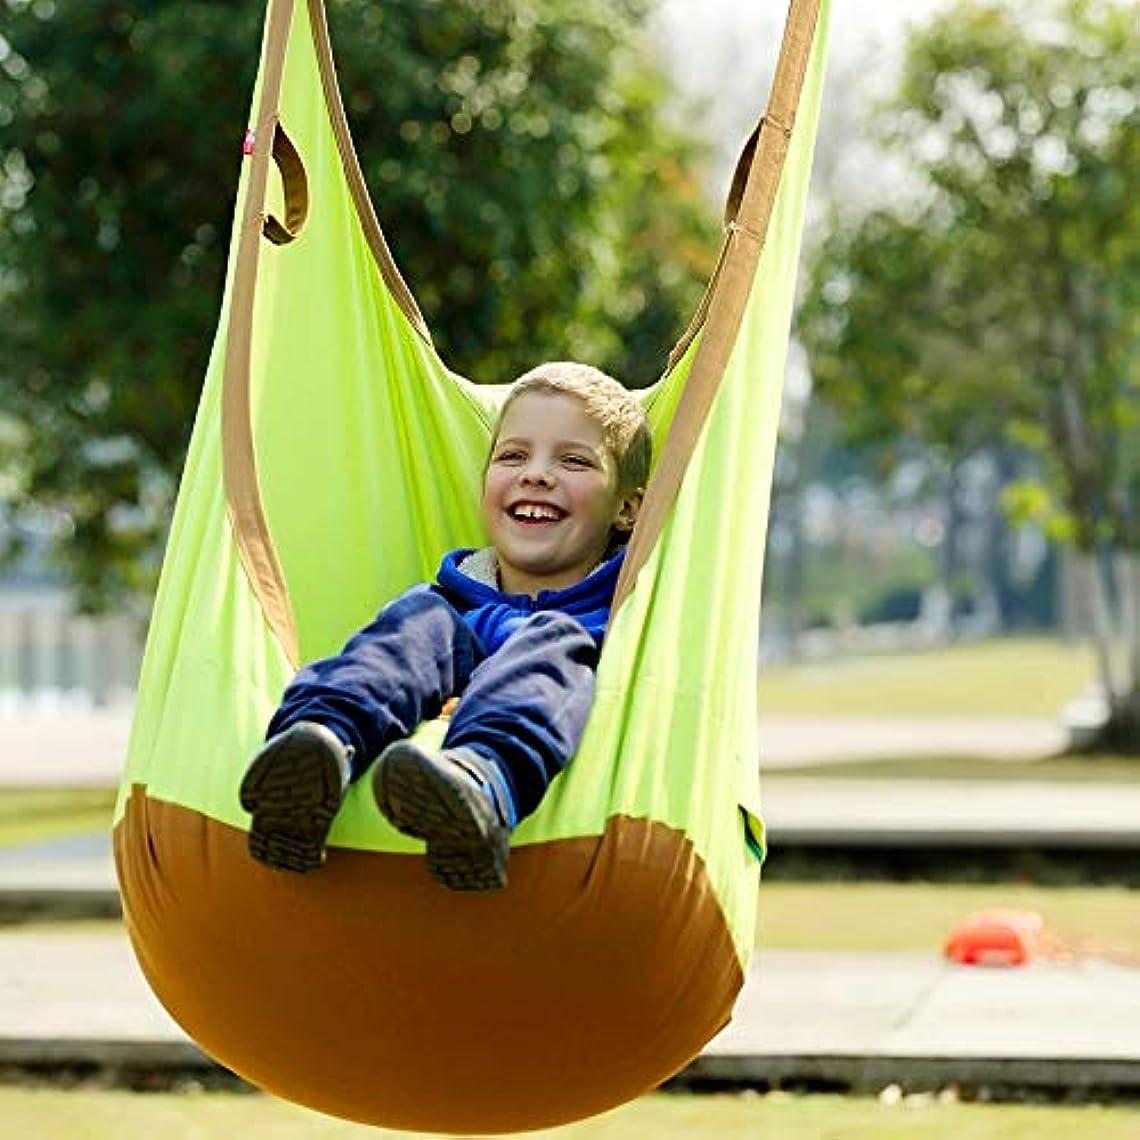 暗殺者バランス状況GzPuluz ハンモック 大人と子供全綿キャンバススイング屋外スポーツ玩具ハンモックを吊るす、サイズ:55 * 75 * 145センチメートル、ランダムカラーデリバリー